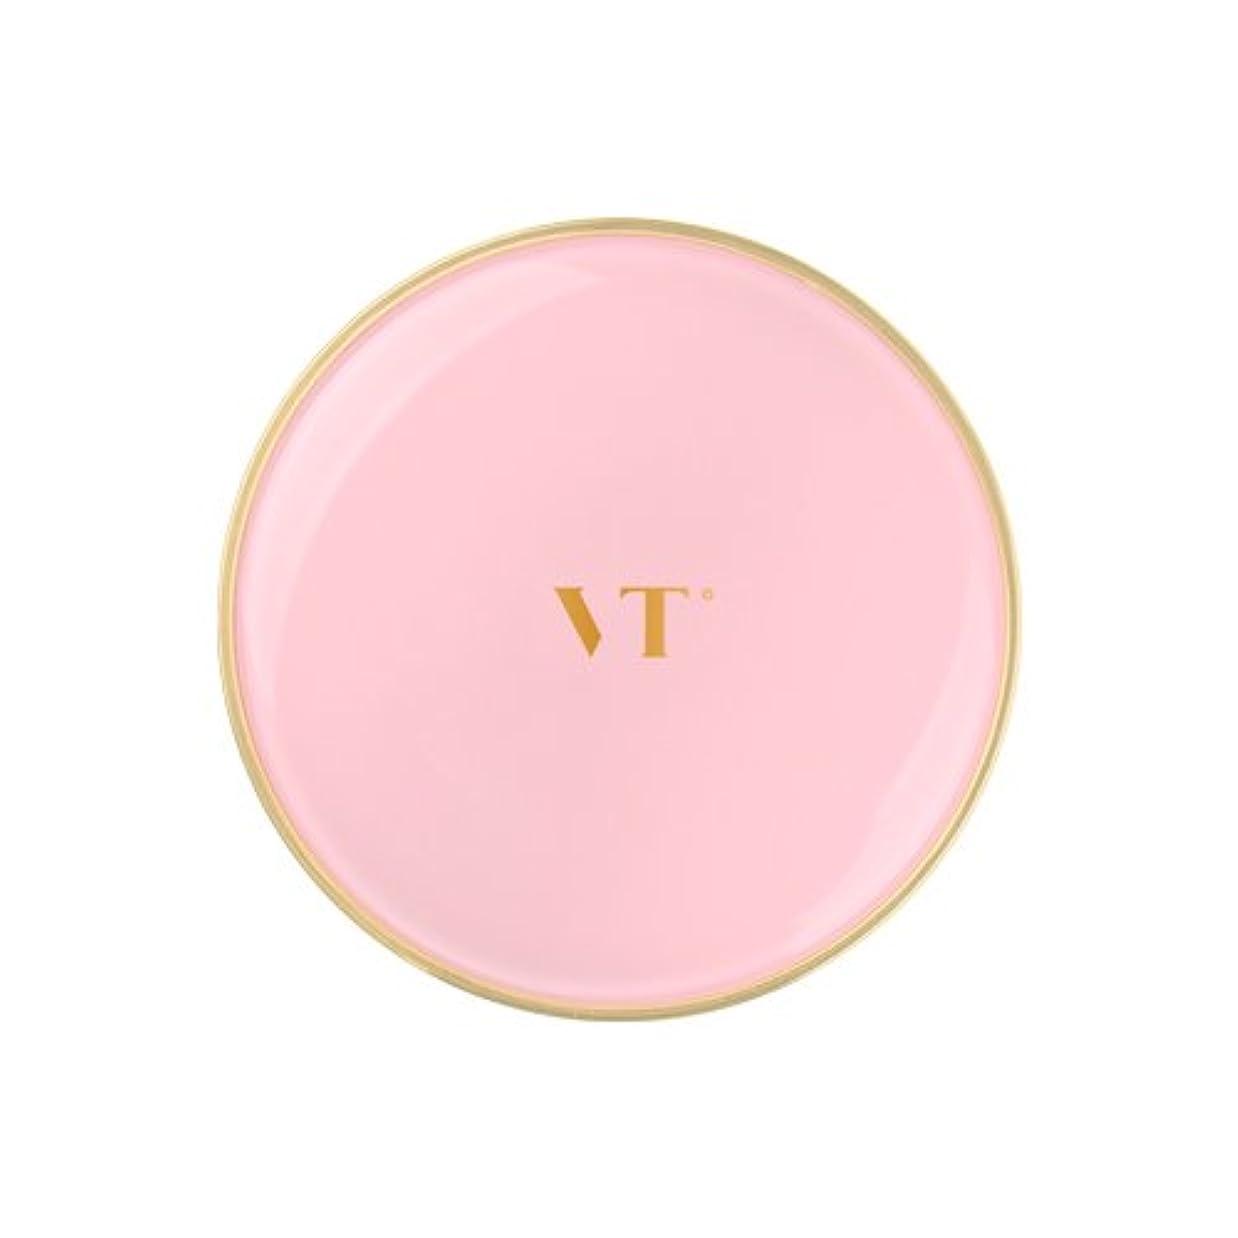 マルクス主義衣類宿命VT Collagen Pact 11g/ブイティー コラーゲン パクト 11g (#21) [並行輸入品]